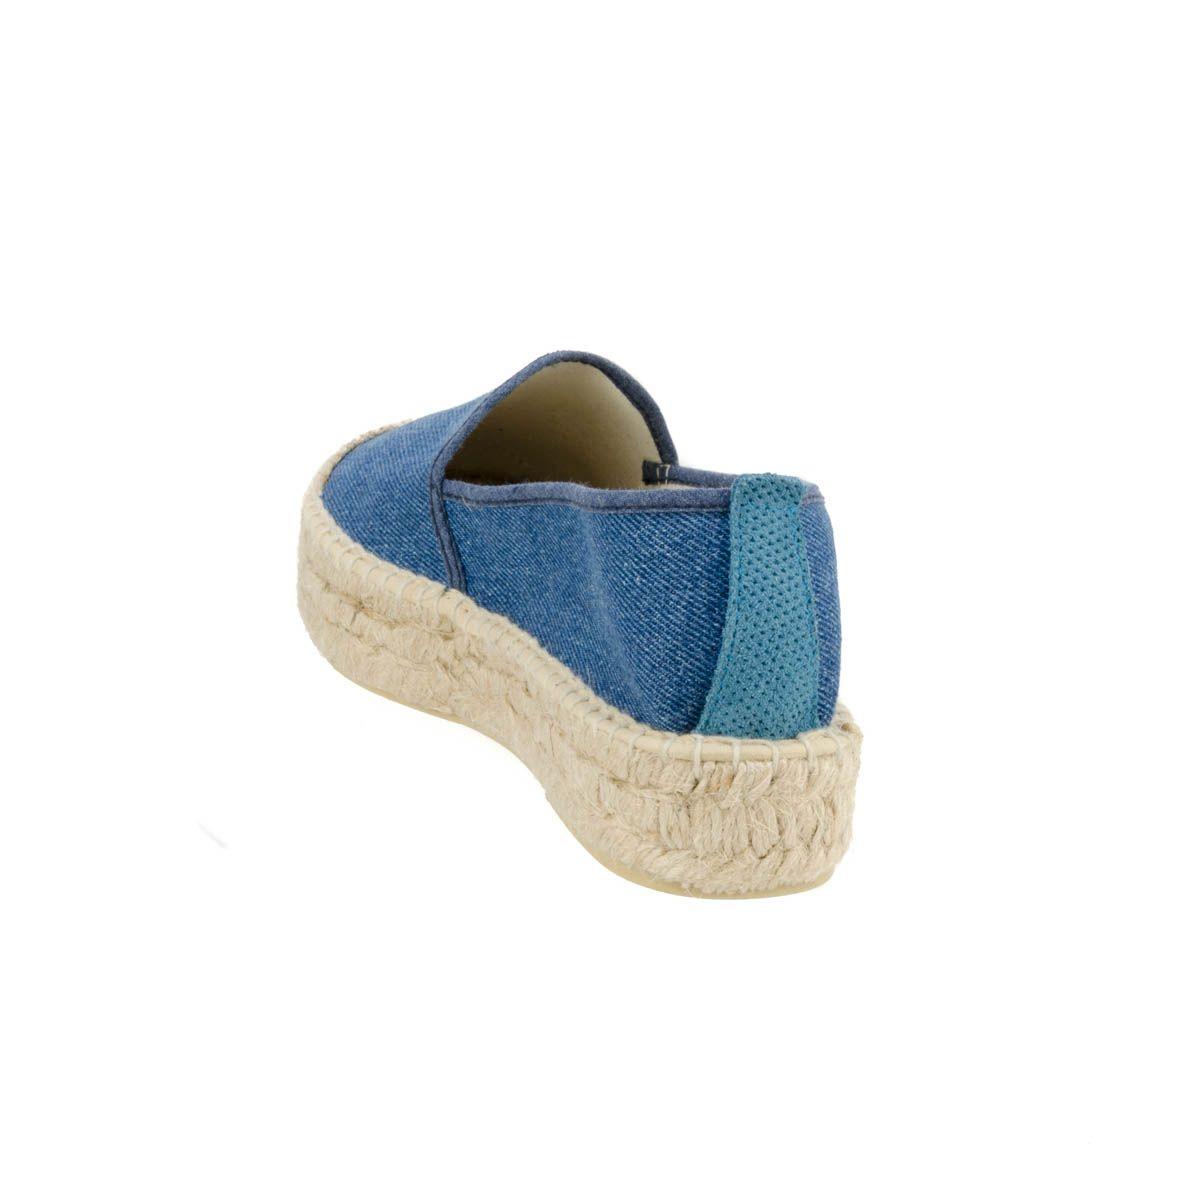 Leindia Artisanal Espadrille in Blue